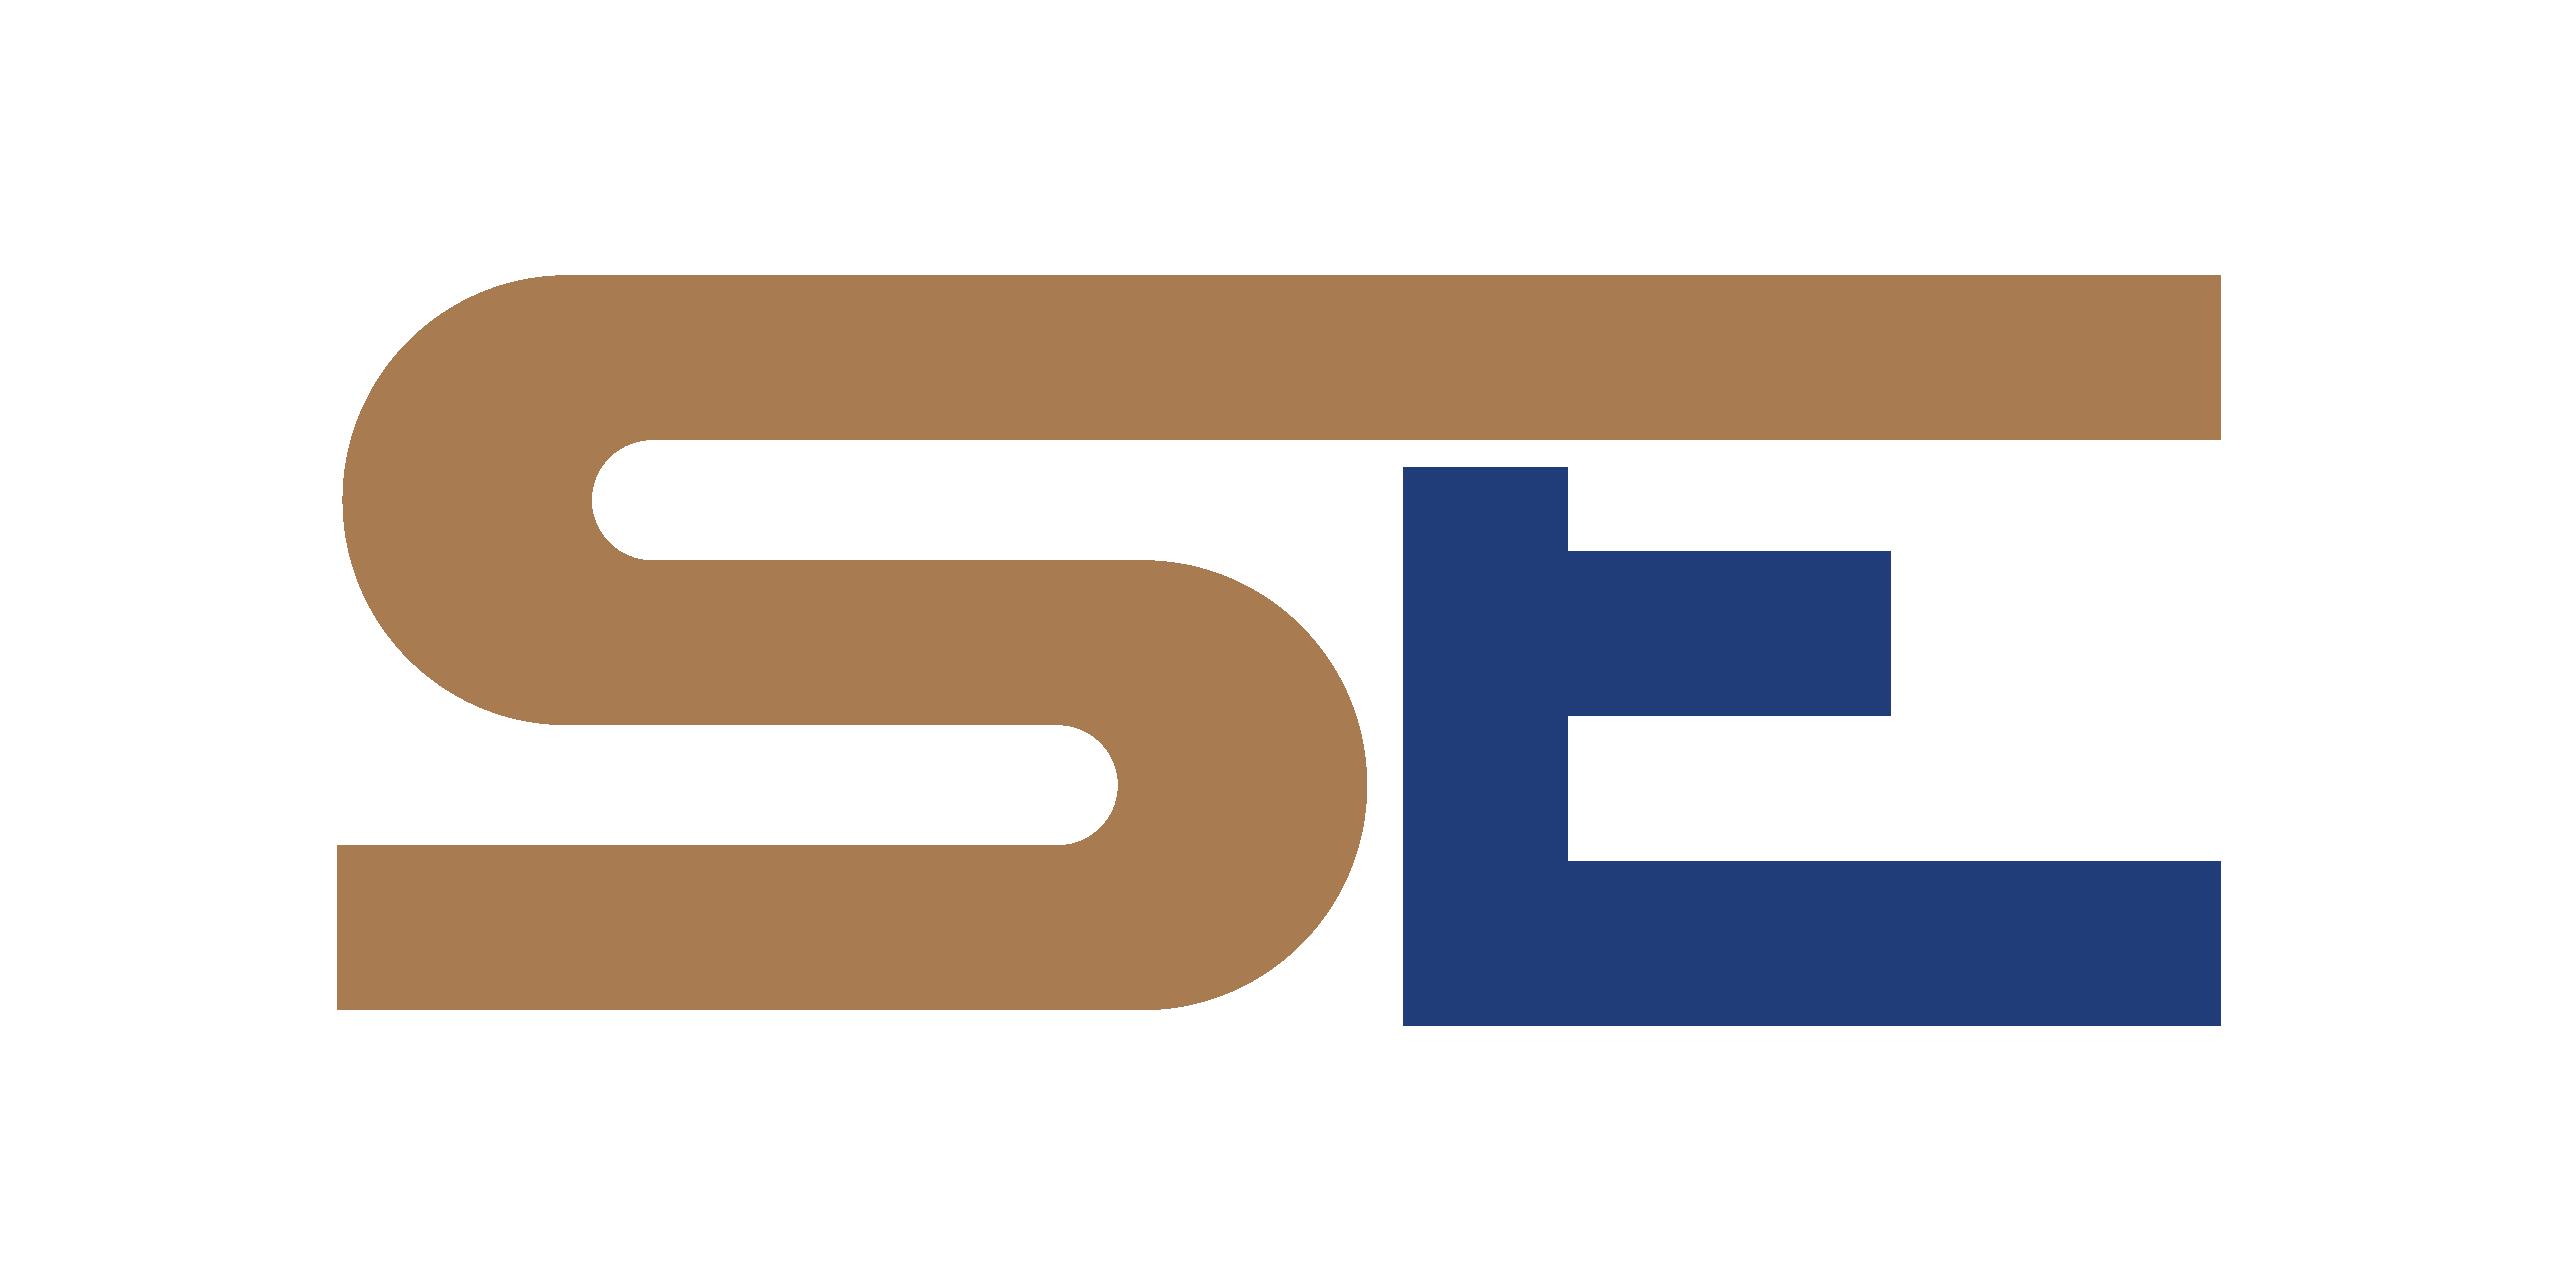 Логотип заголовка сторінки